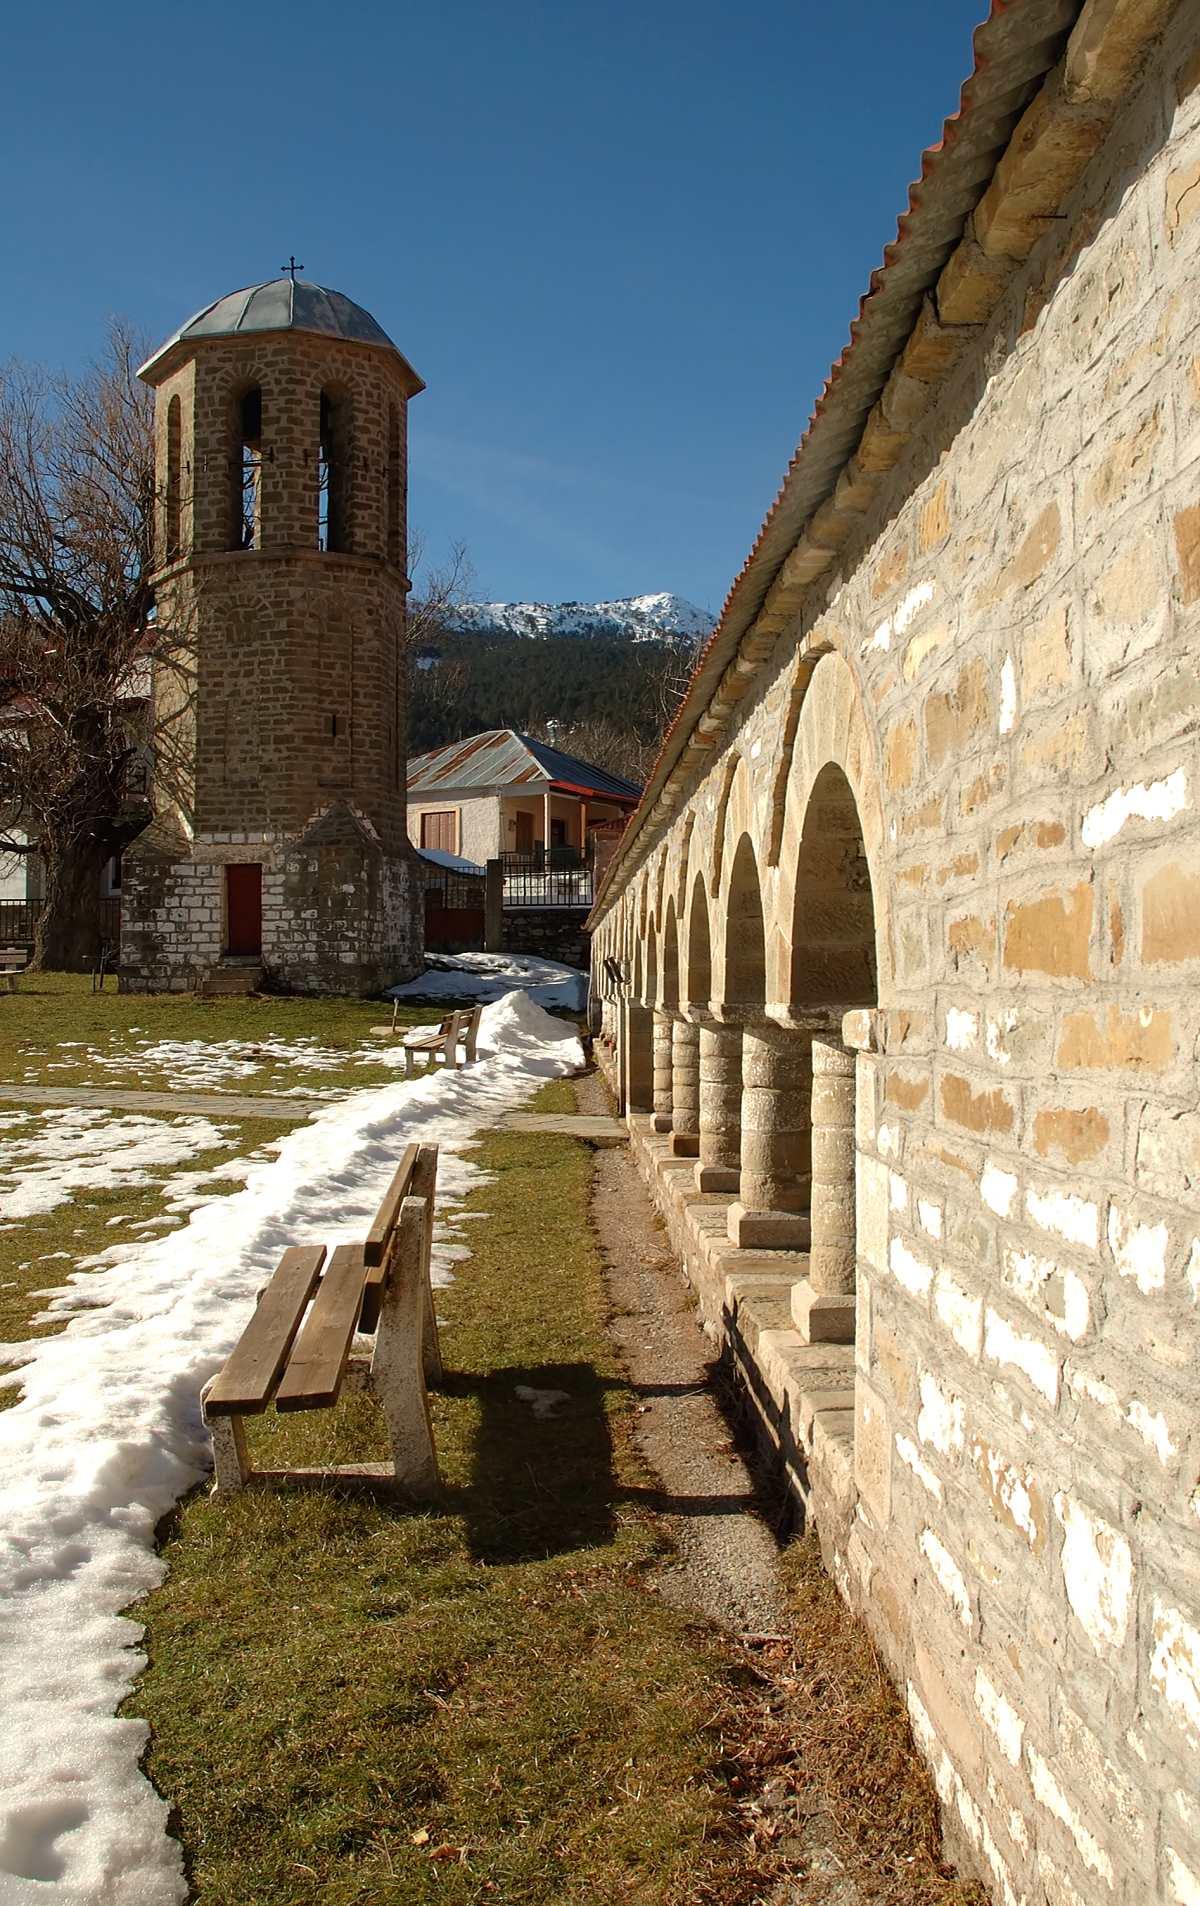 Χωριό Σαμαρίνα παράξενο και ψηλότερο βαλκανίων